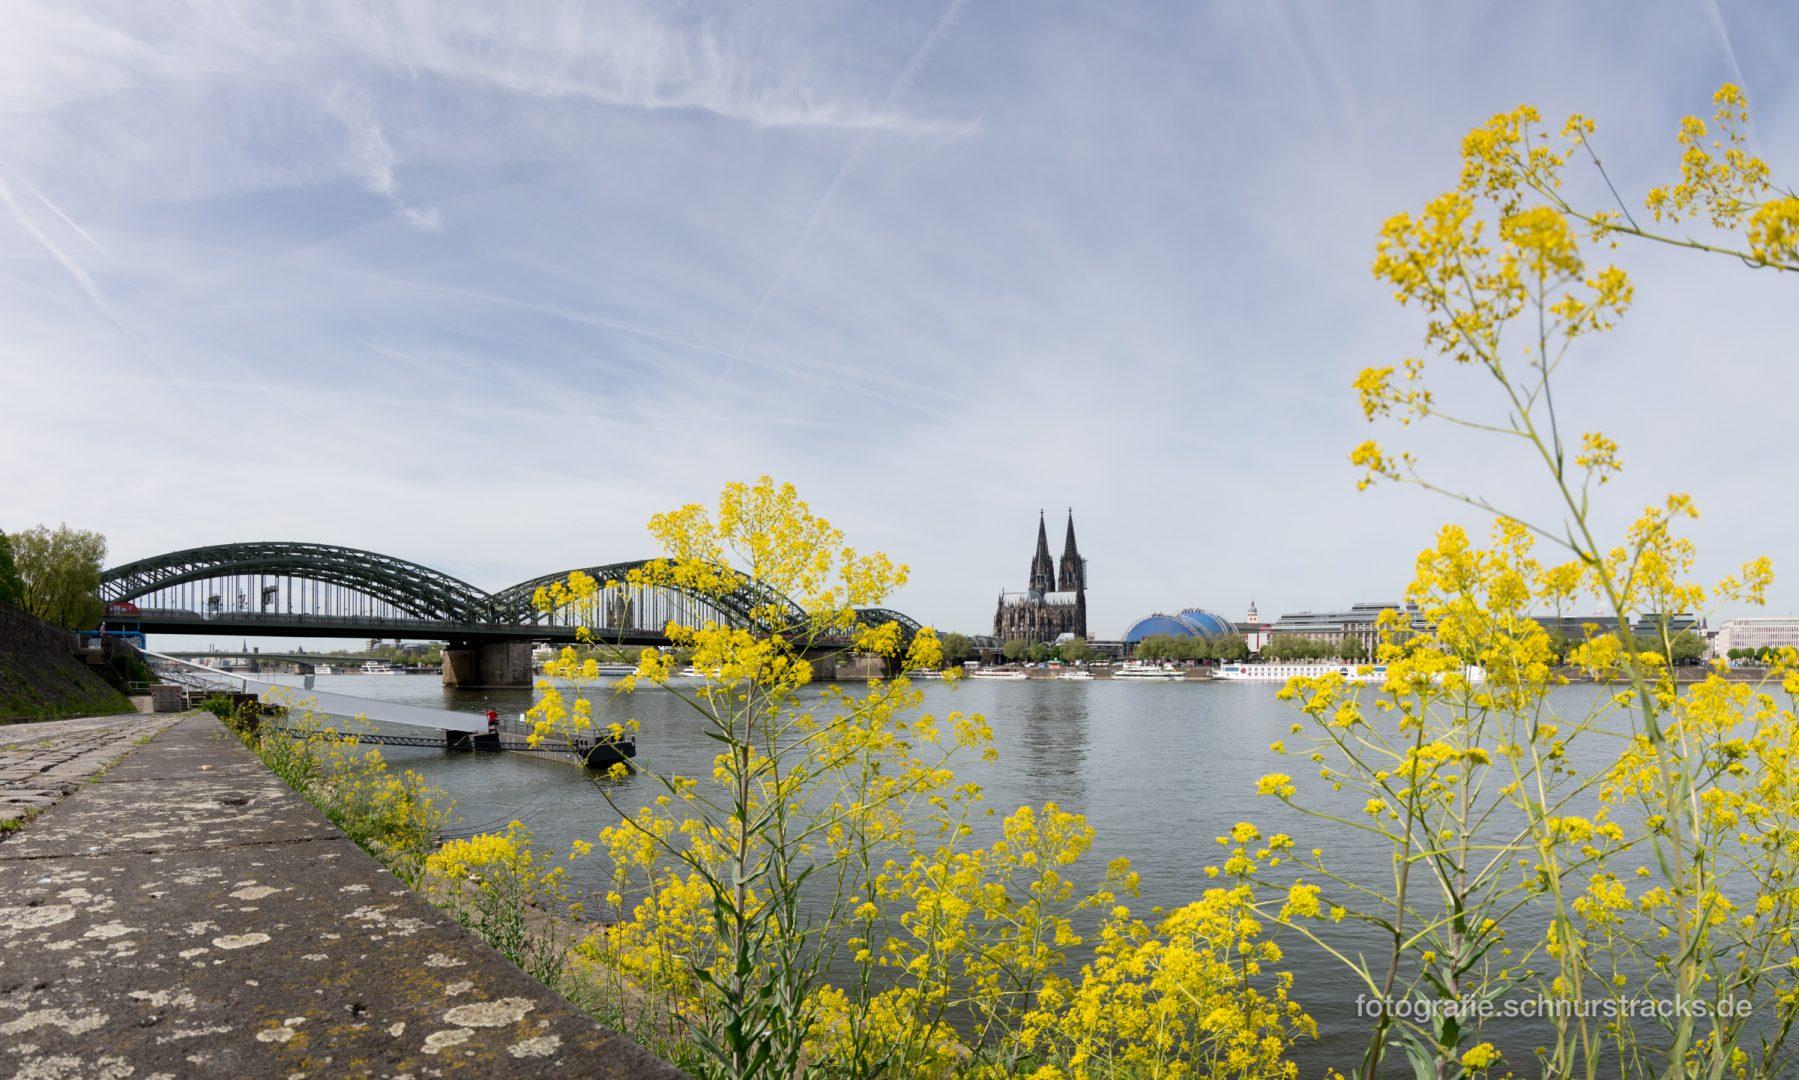 Frühlingshaftes Kölner Rheinufer #1591